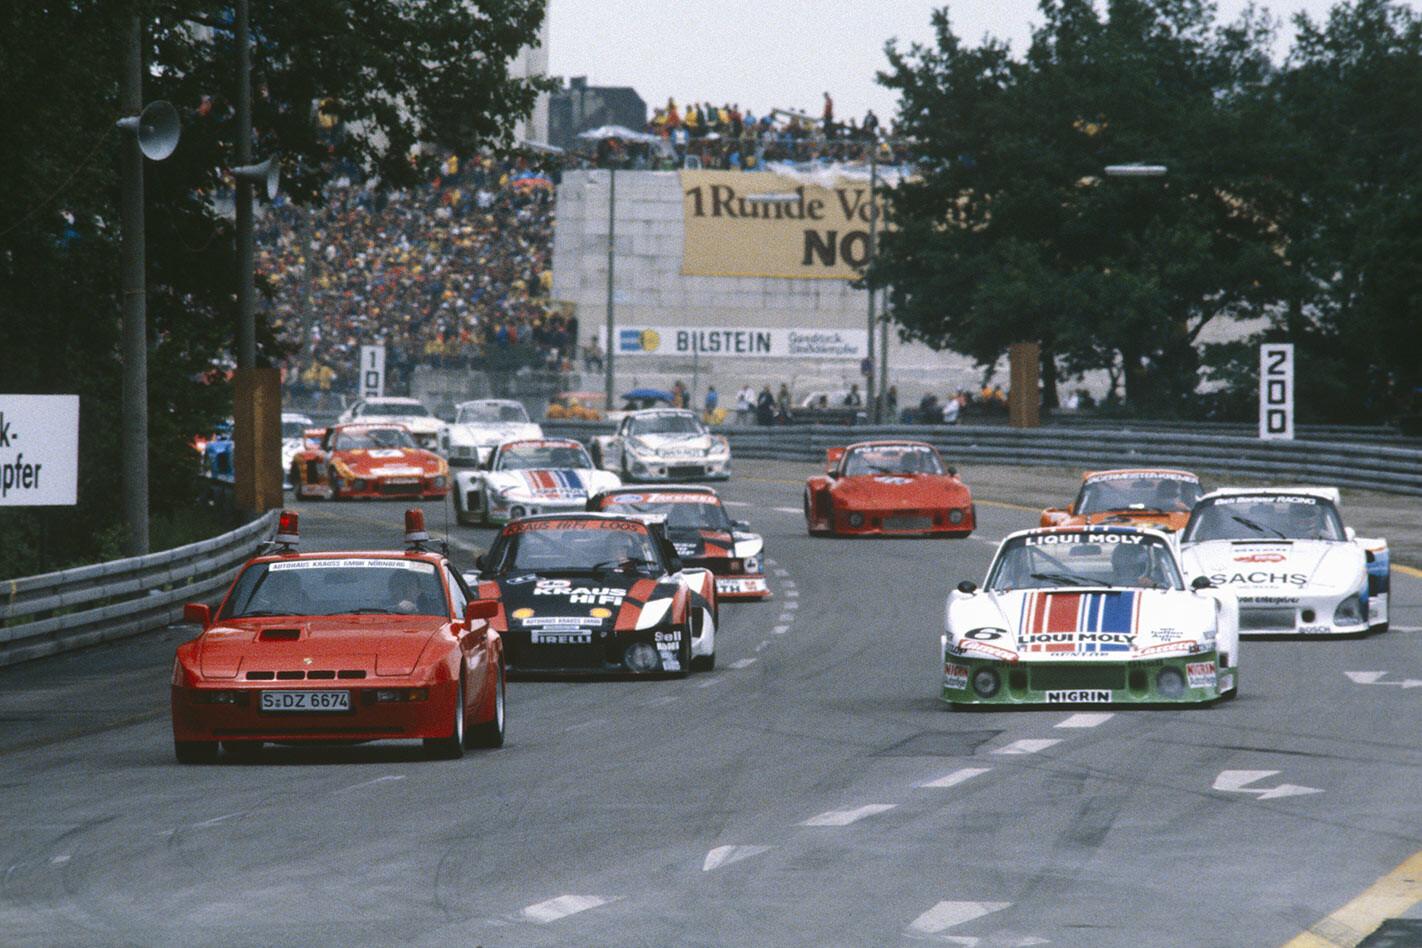 Porsche racing series